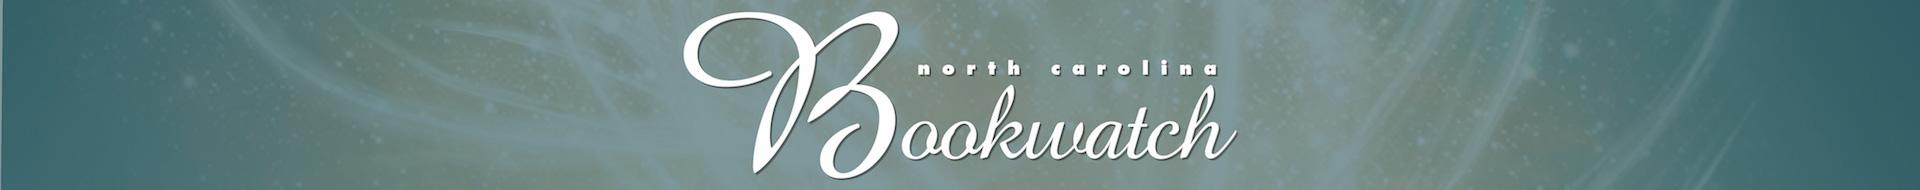 NC Bookwatch Logo Banner